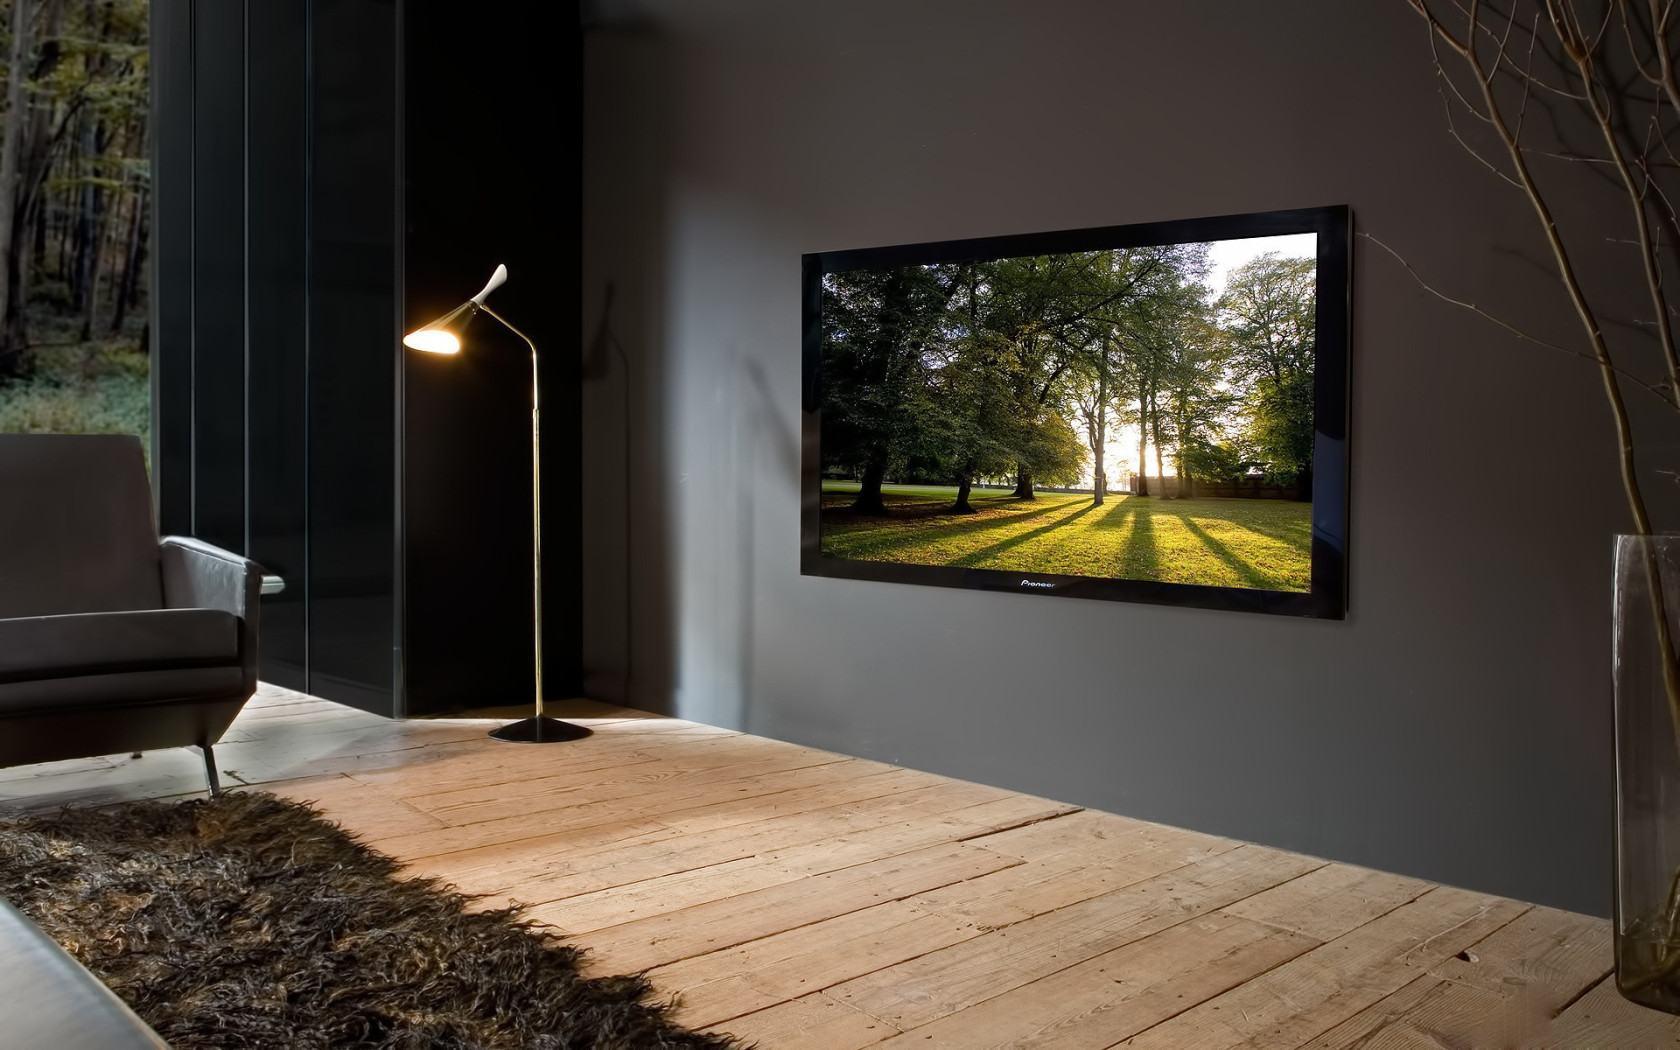 Как правильно повесить телевизор на стену своими руками